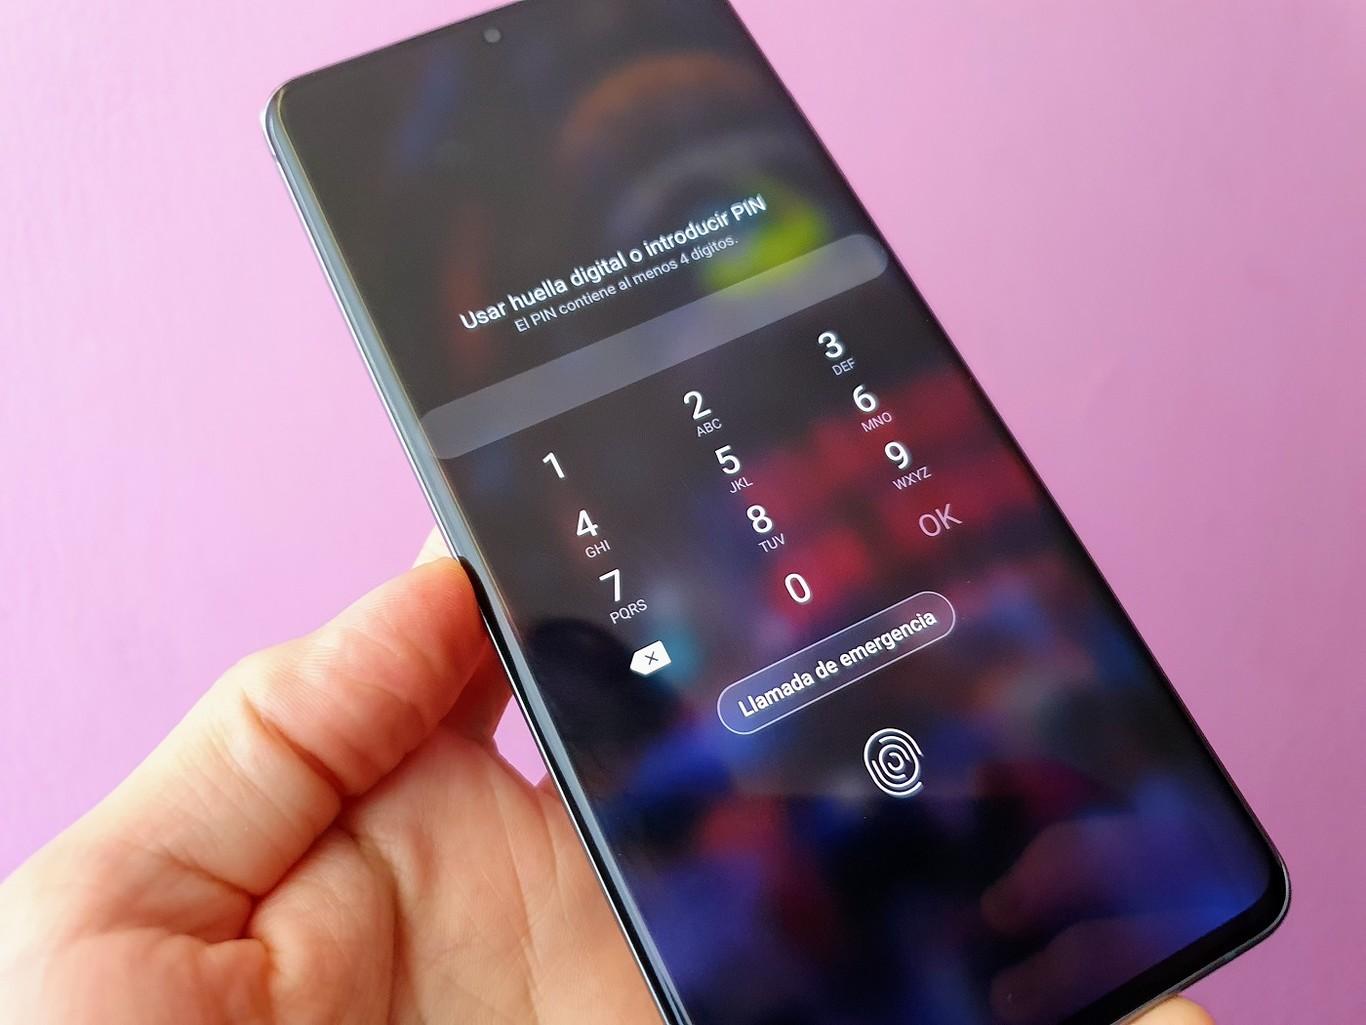 Cómo Desbloquear Mi Smartphone Android Si He Olvidado La Contraseña Pin O Patrón De Desbloqueo